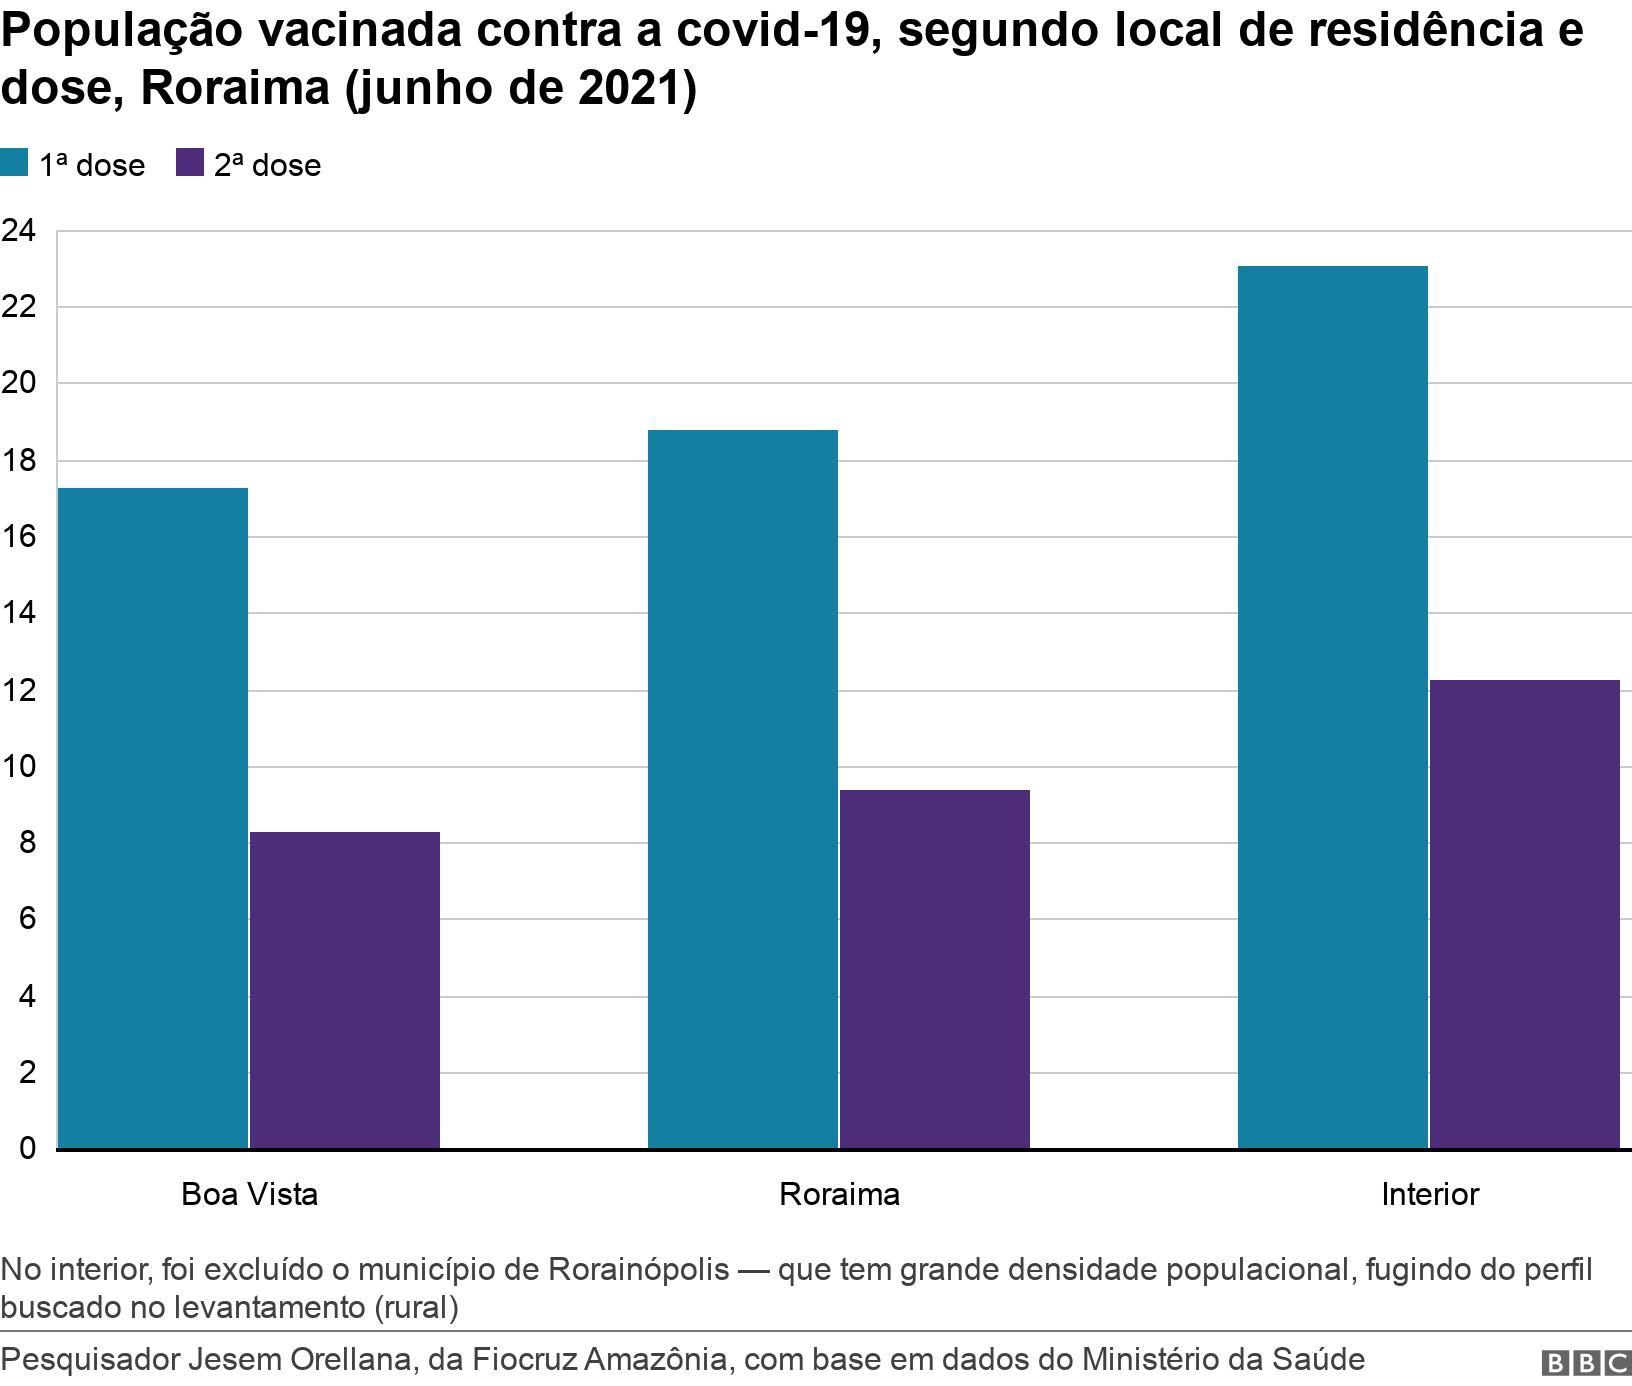 População vacinada contra a covid-19, segundo local de residência e dose, Roraima (junho de 2021). .  No interior, foi excluído o município de Rorainópolis — que tem grande densidade populacional, fugindo do perfil buscado no levantamento (rural).